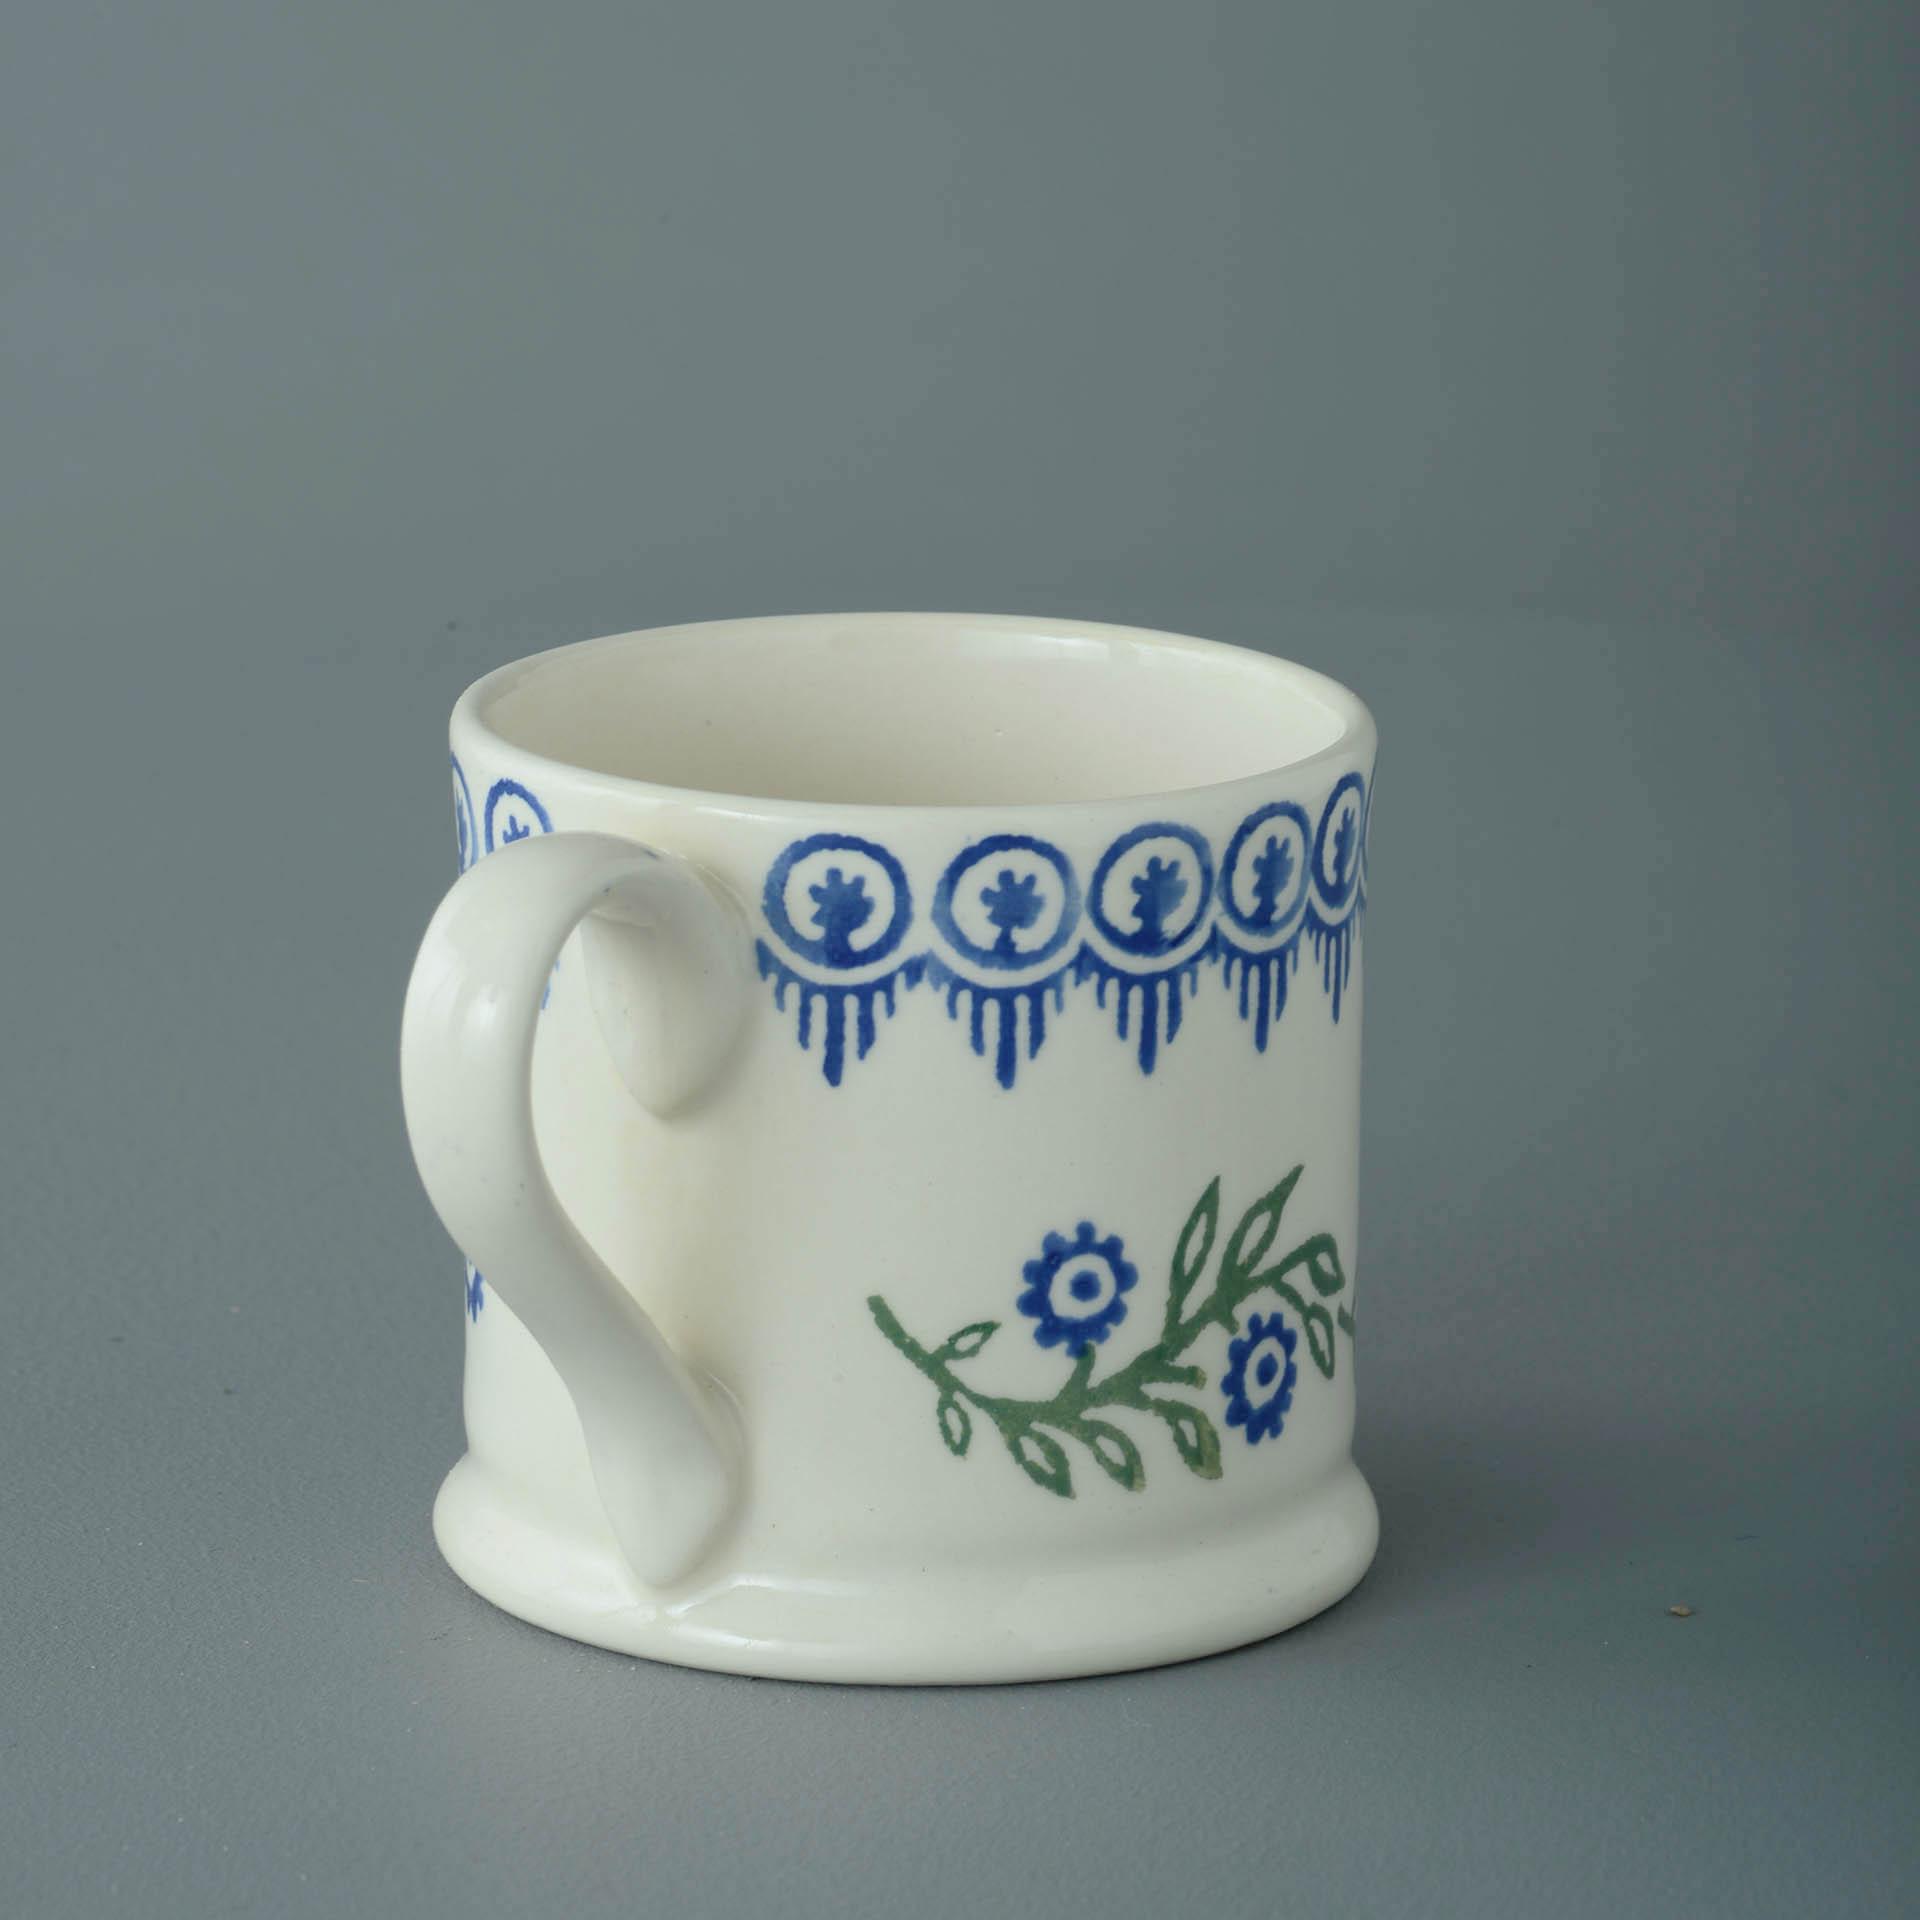 Floral Garland 150ml Small Mug 7 x 7.3cm